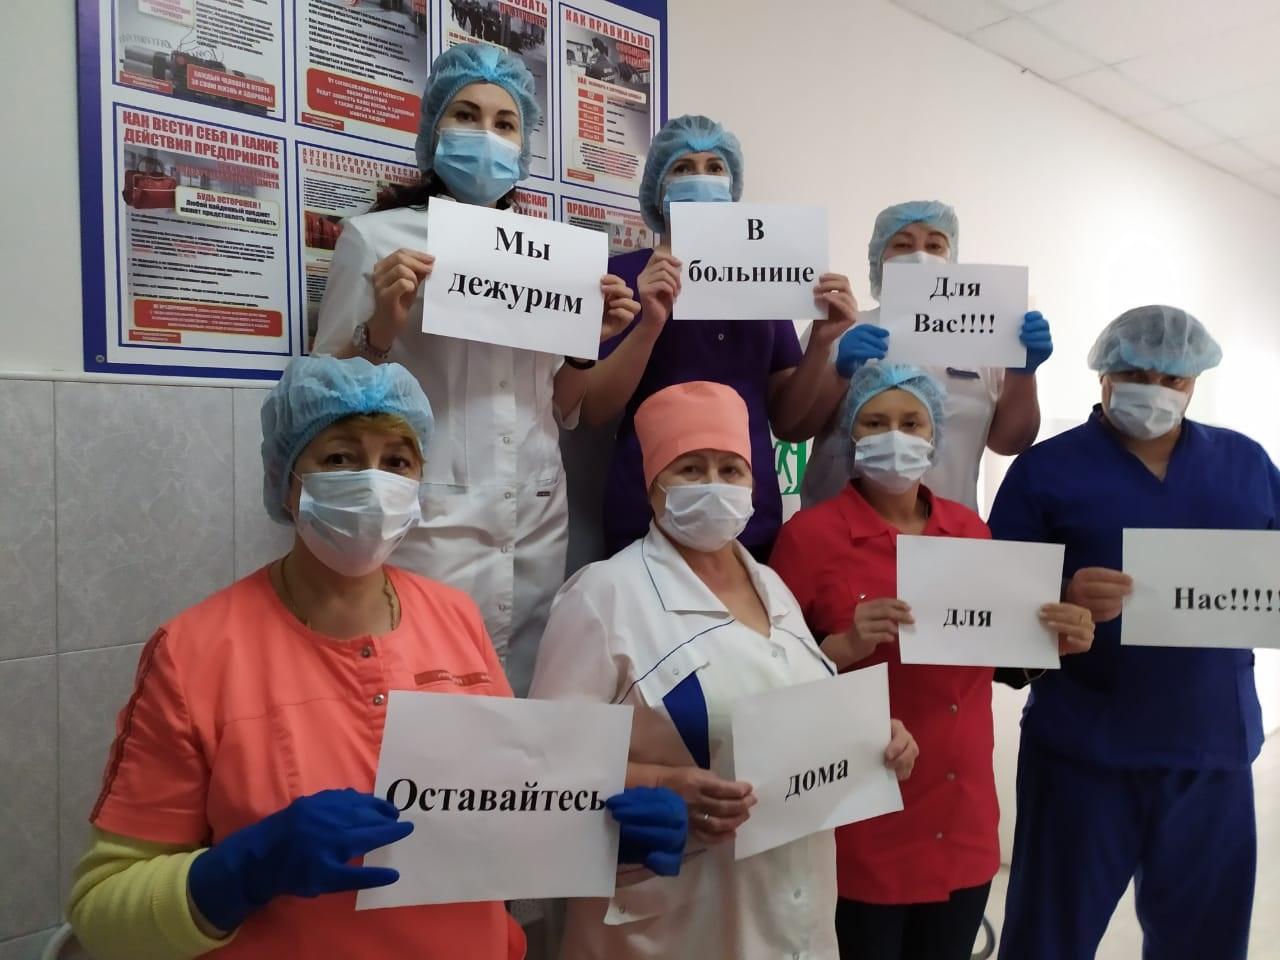 Врачи Новороссийска провели флешмоб, посвященный карантину